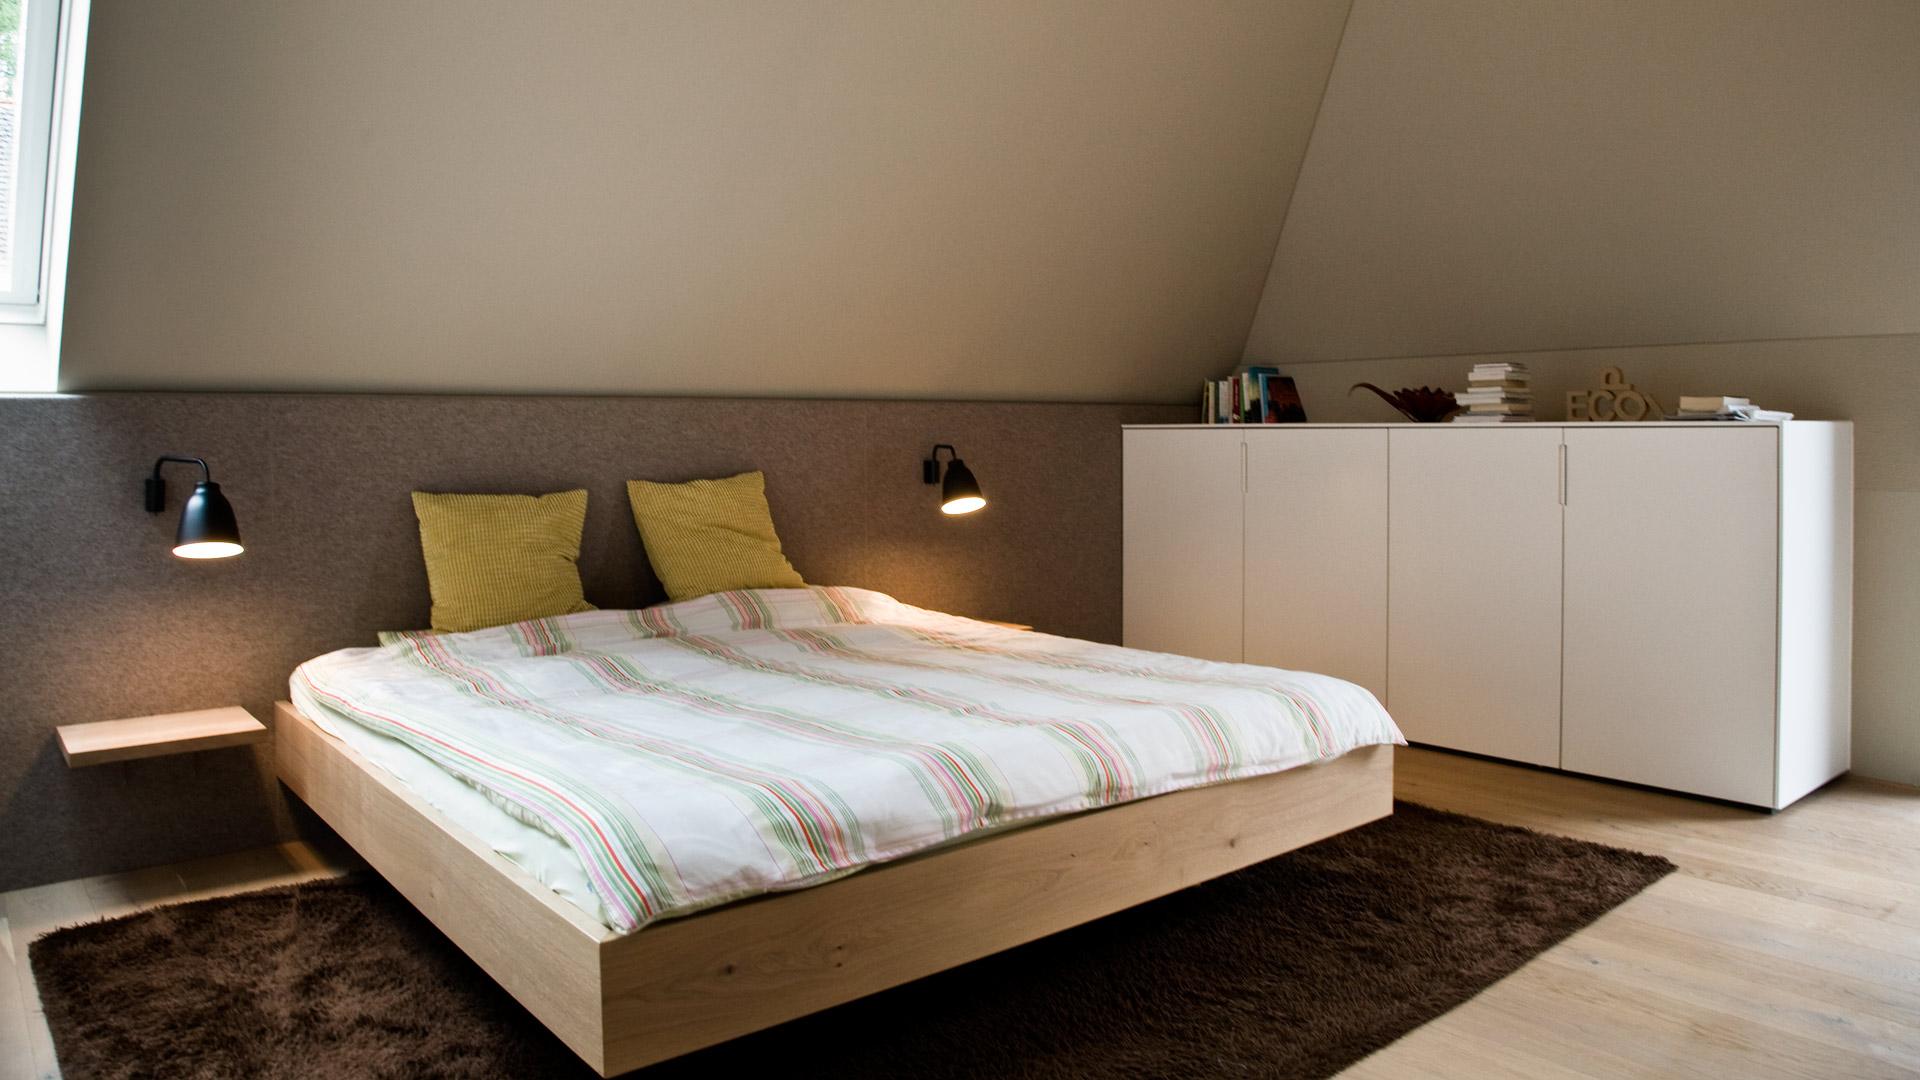 schlafzimmer bett 9 8